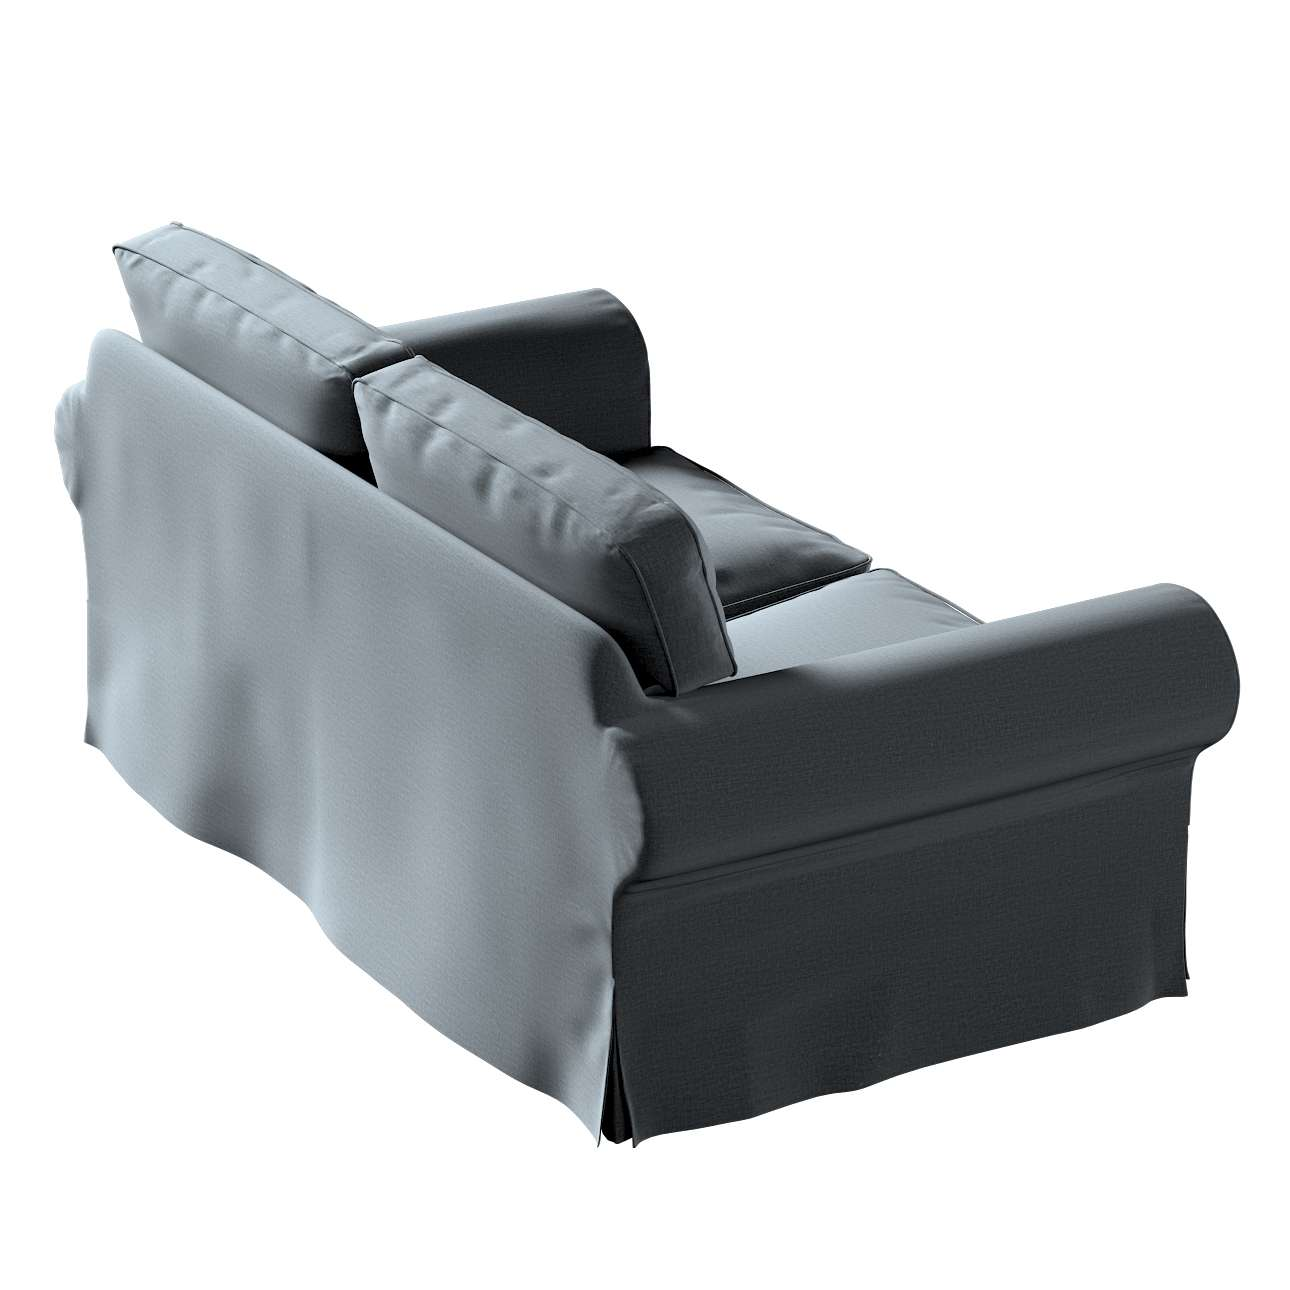 Pokrowiec na sofę Ektorp 2-osobową, nierozkładaną w kolekcji Ingrid, tkanina: 705-43